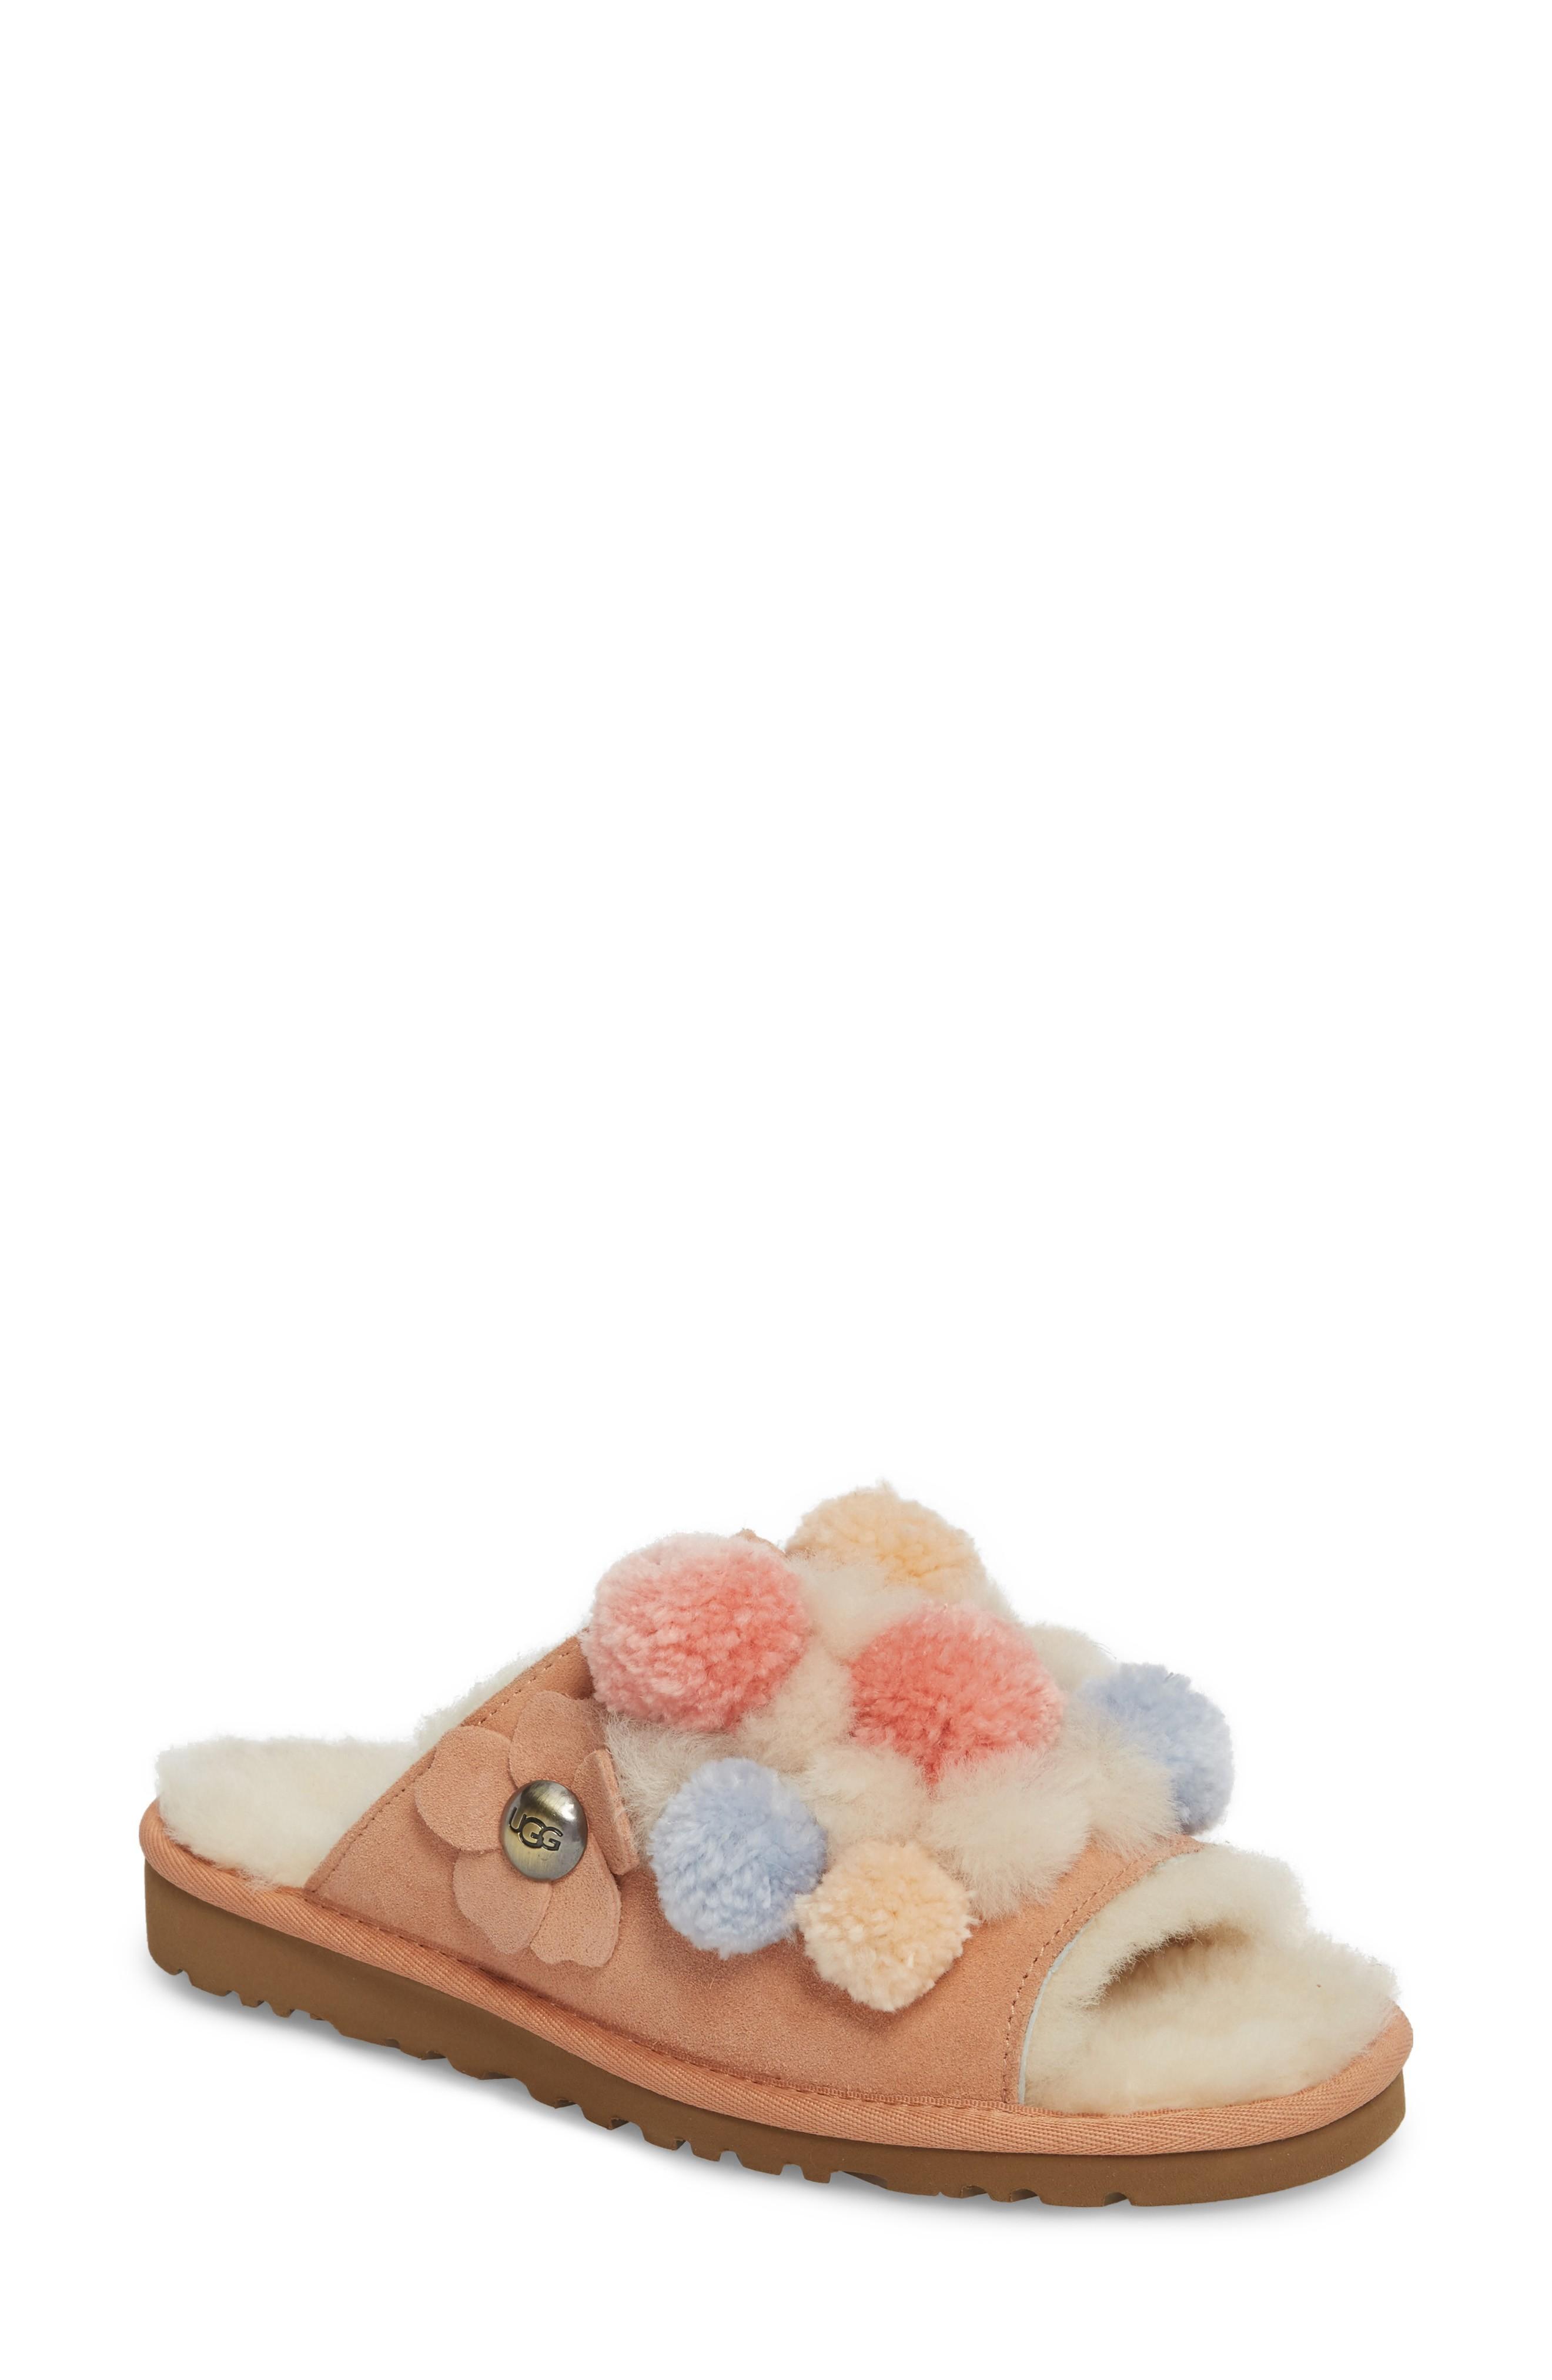 6c778188598 Ugg Clio Pom Pom Slide Sandal in Coral Suede